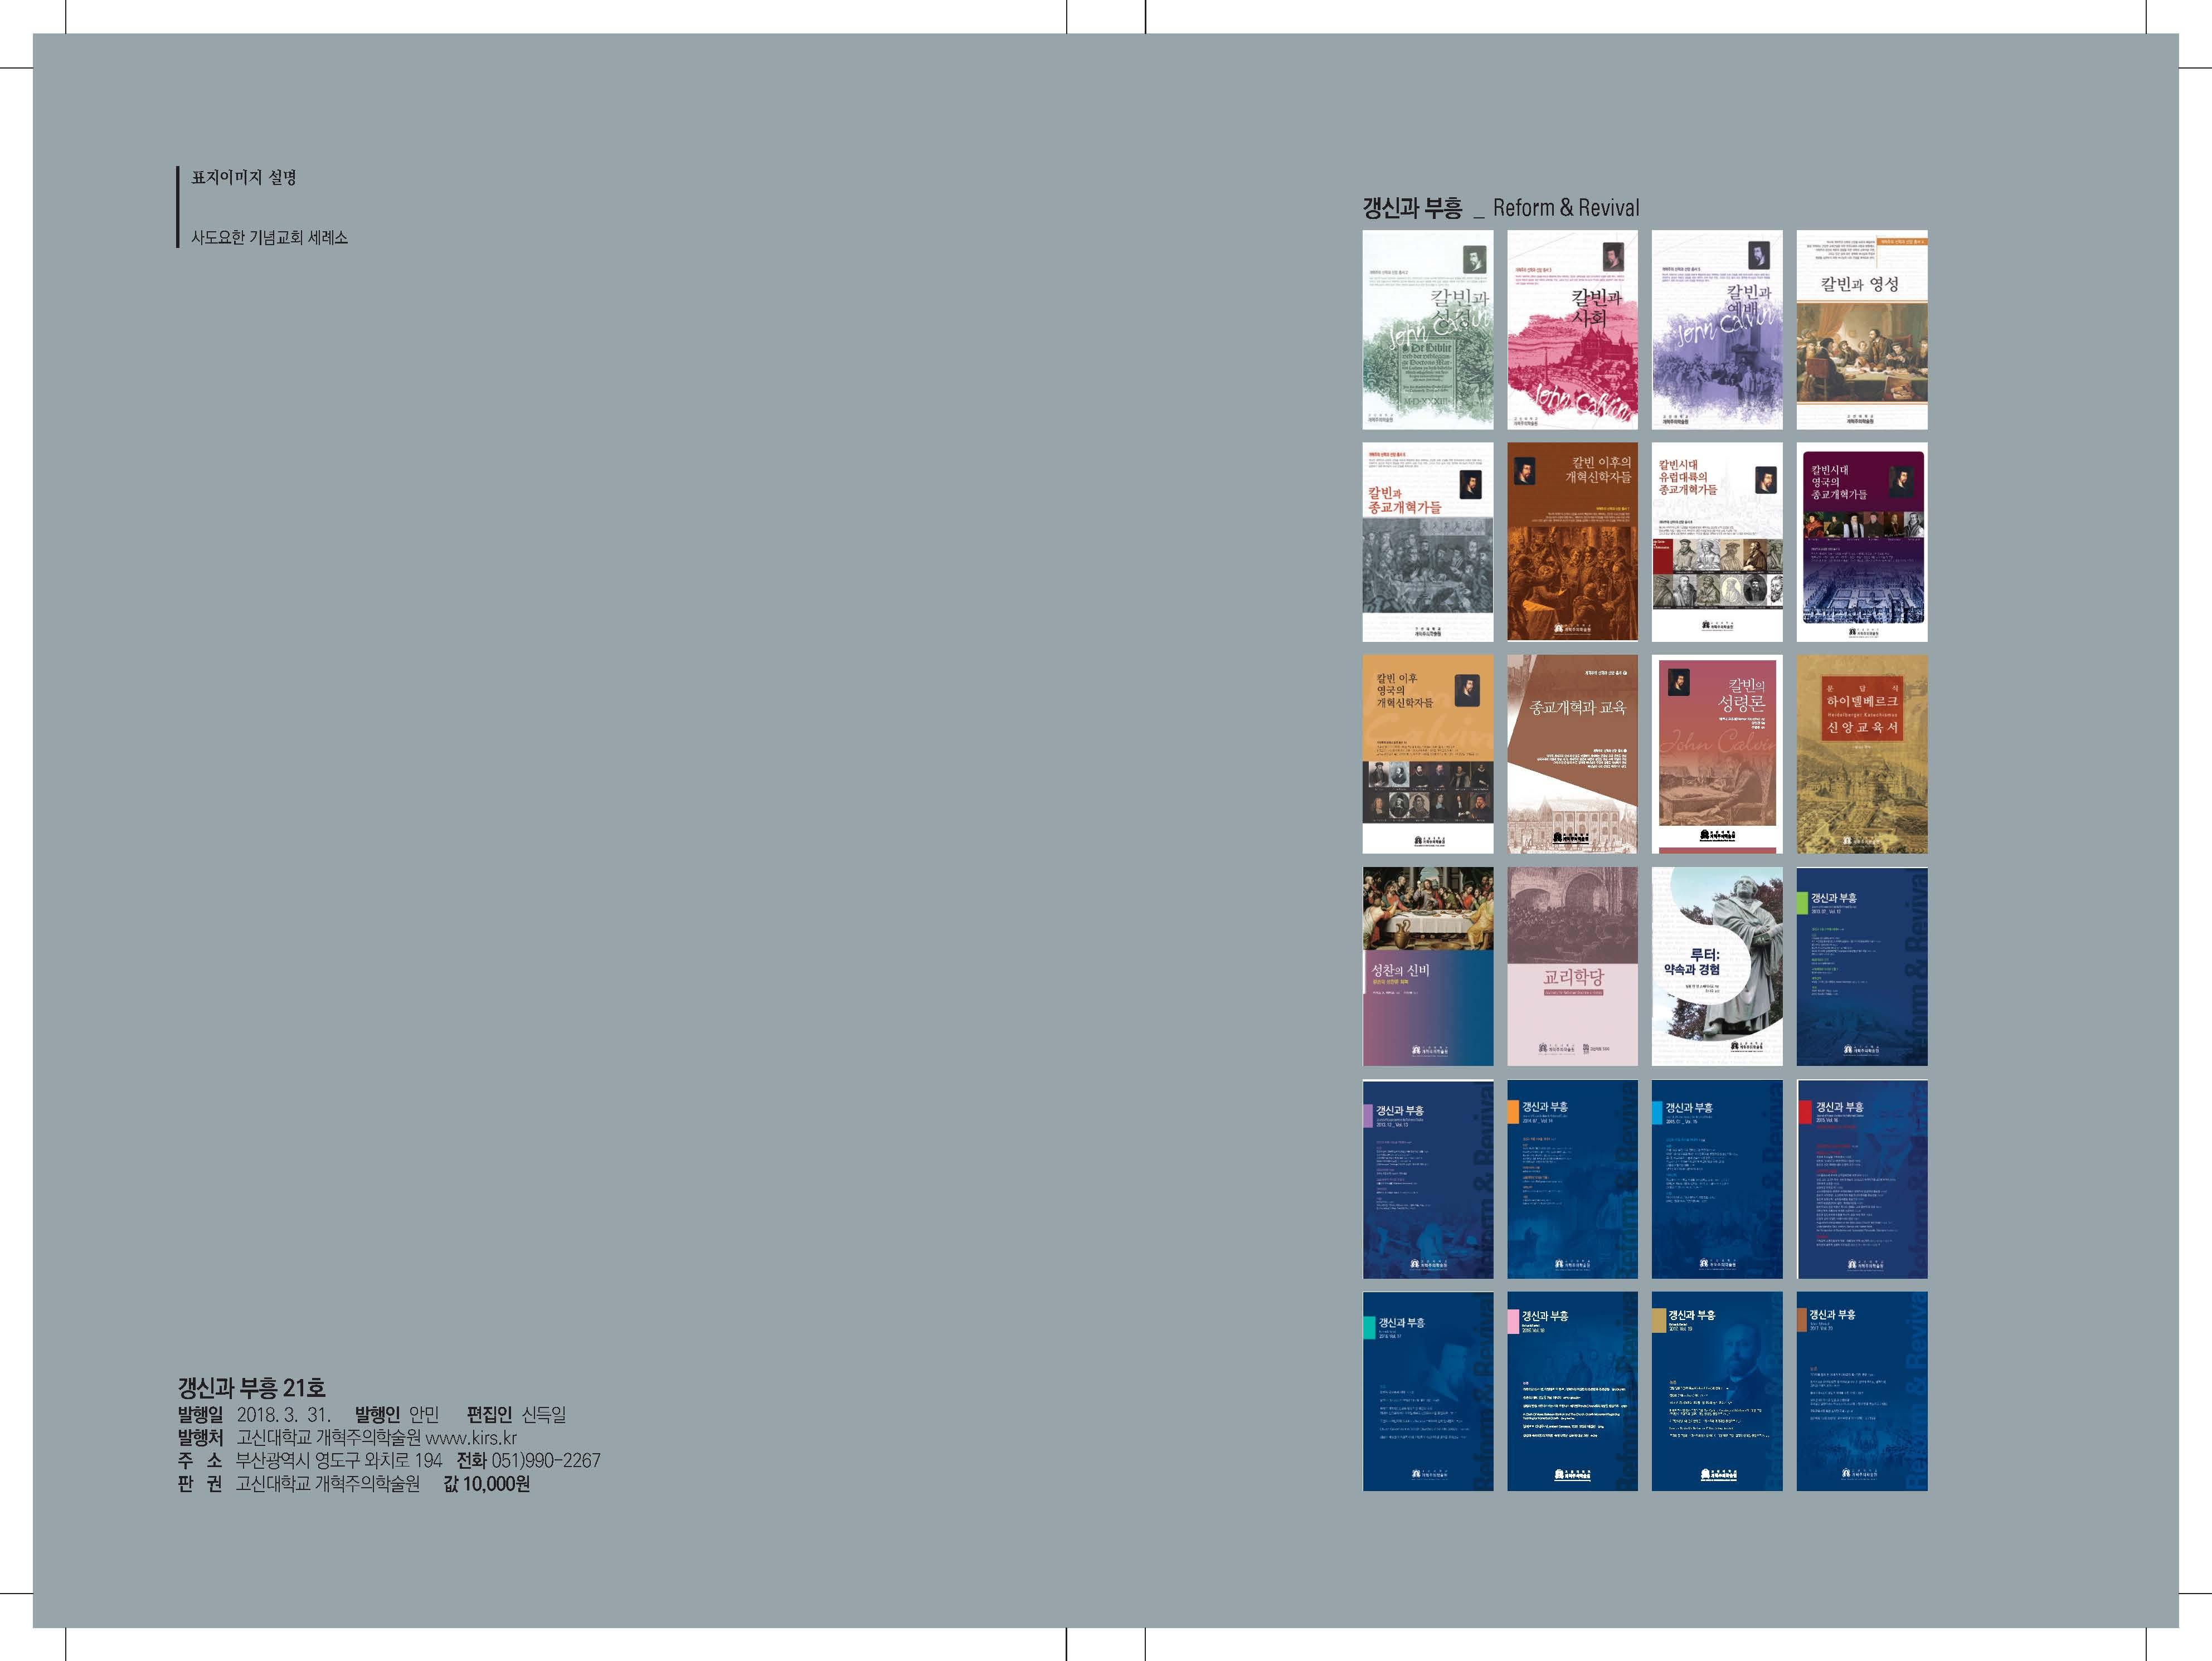 표지수정-갱신과부흥 Vol.21_Page_2.jpg